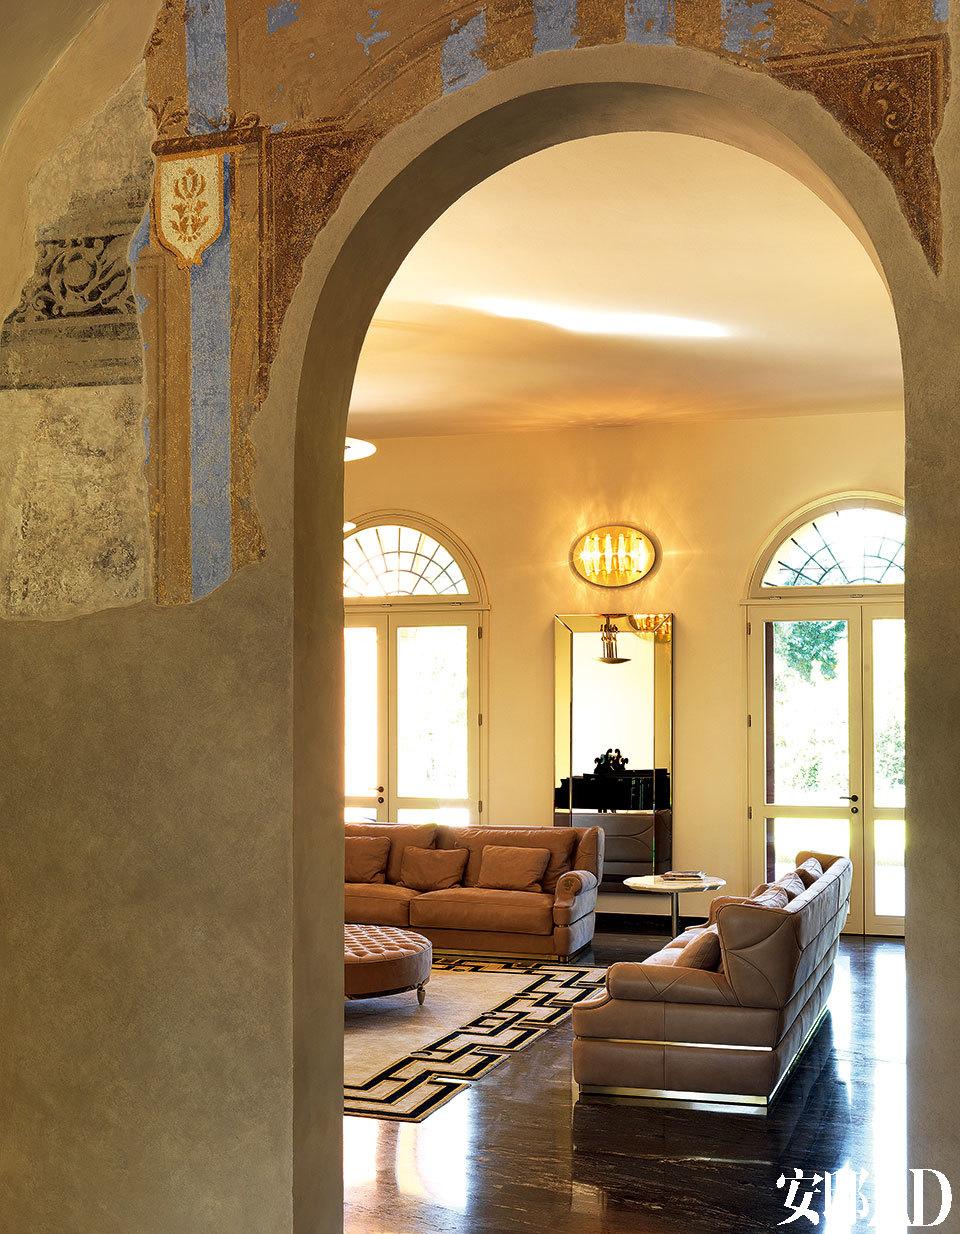 从走廊看向客厅,近处墙面上还部分保留着修复了的老壁画,客厅墙面上的椭圆形Benson壁灯由Samuele Mazza设计,壁灯下的装饰镜由Alessandro La Spada设计。